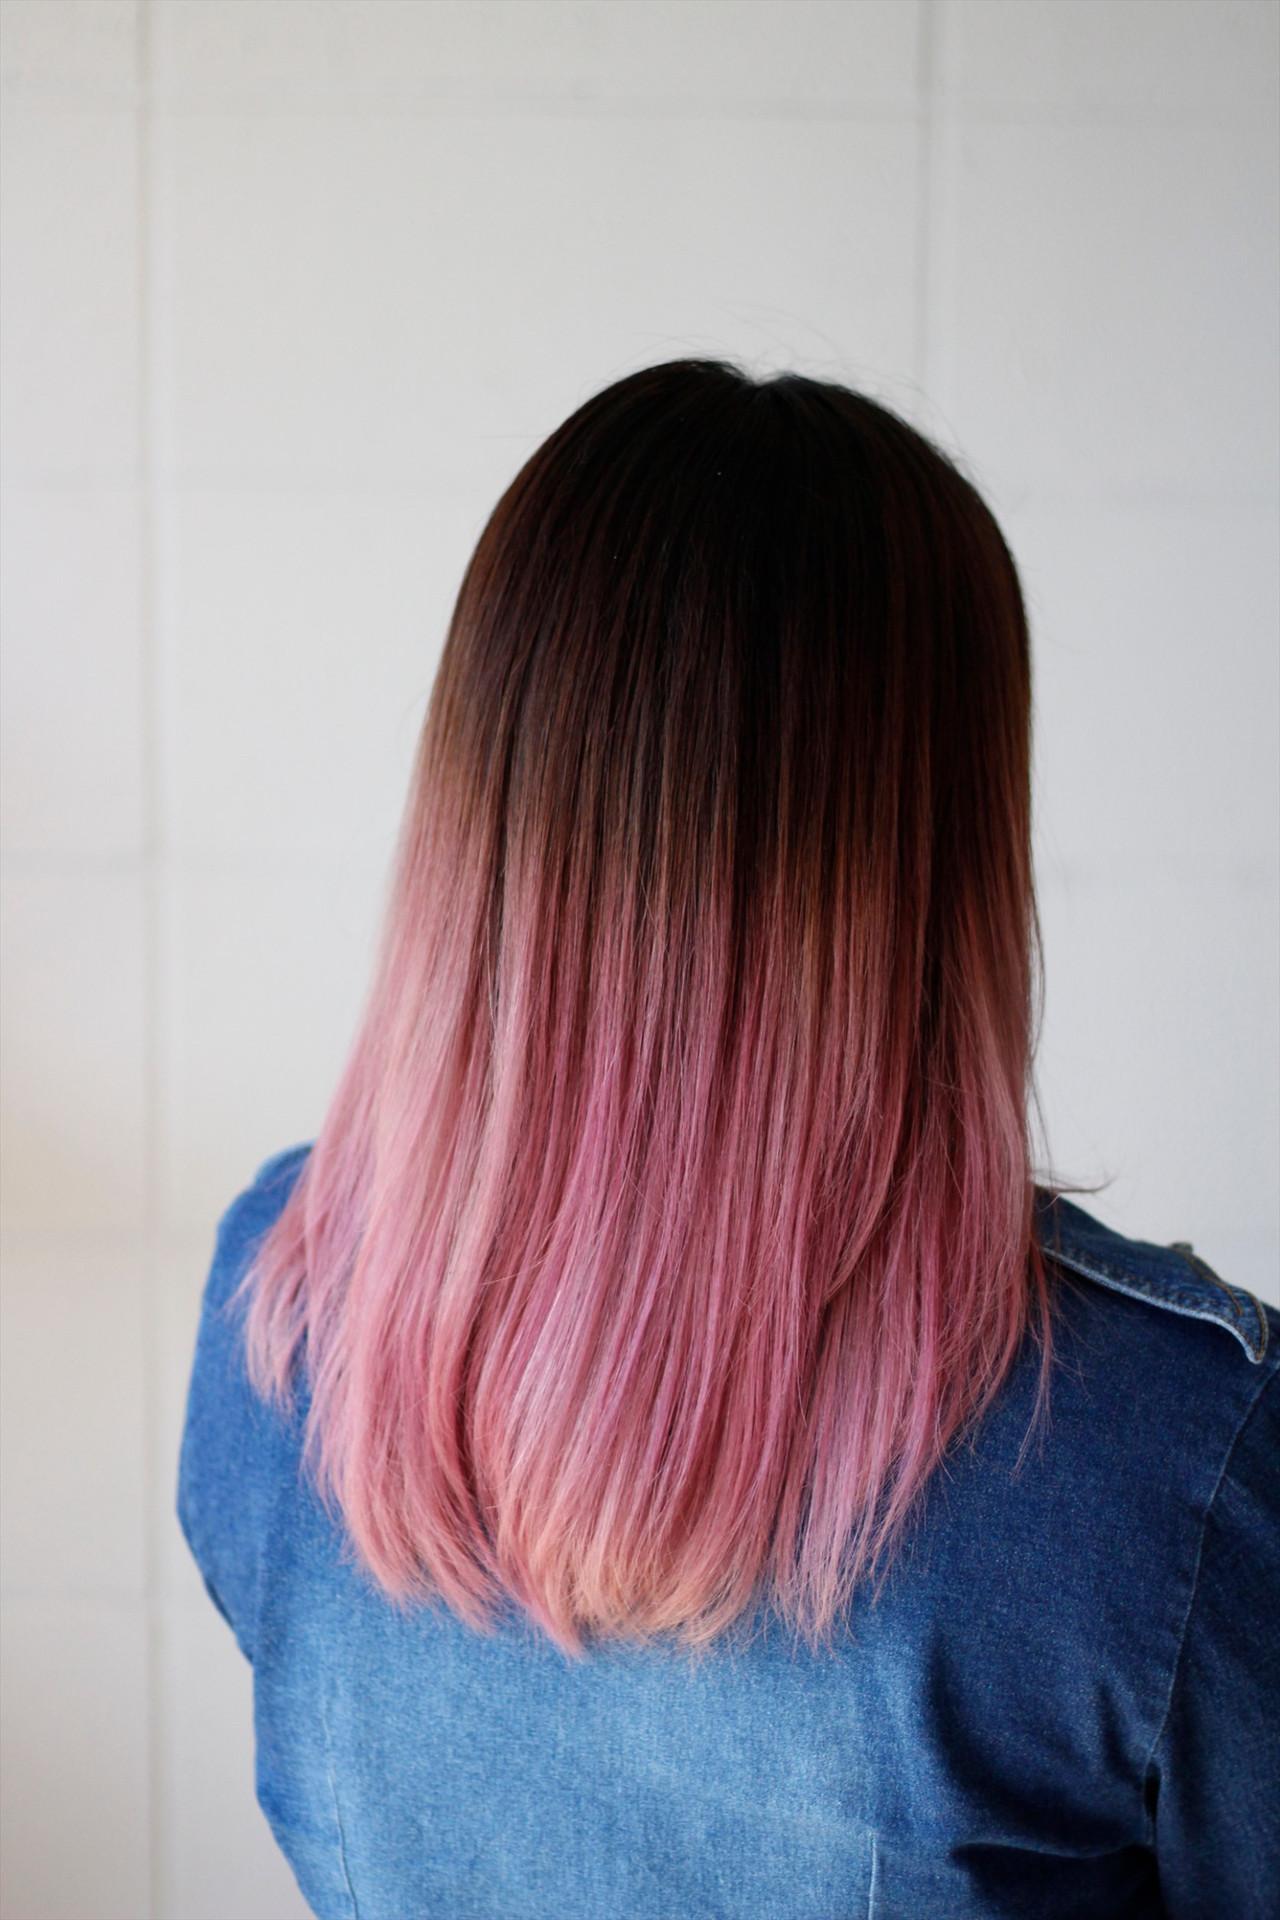 セミロング ピンク ストリート グラデーションカラー ヘアスタイルや髪型の写真・画像 | Hatori Masaki / rela hair salon